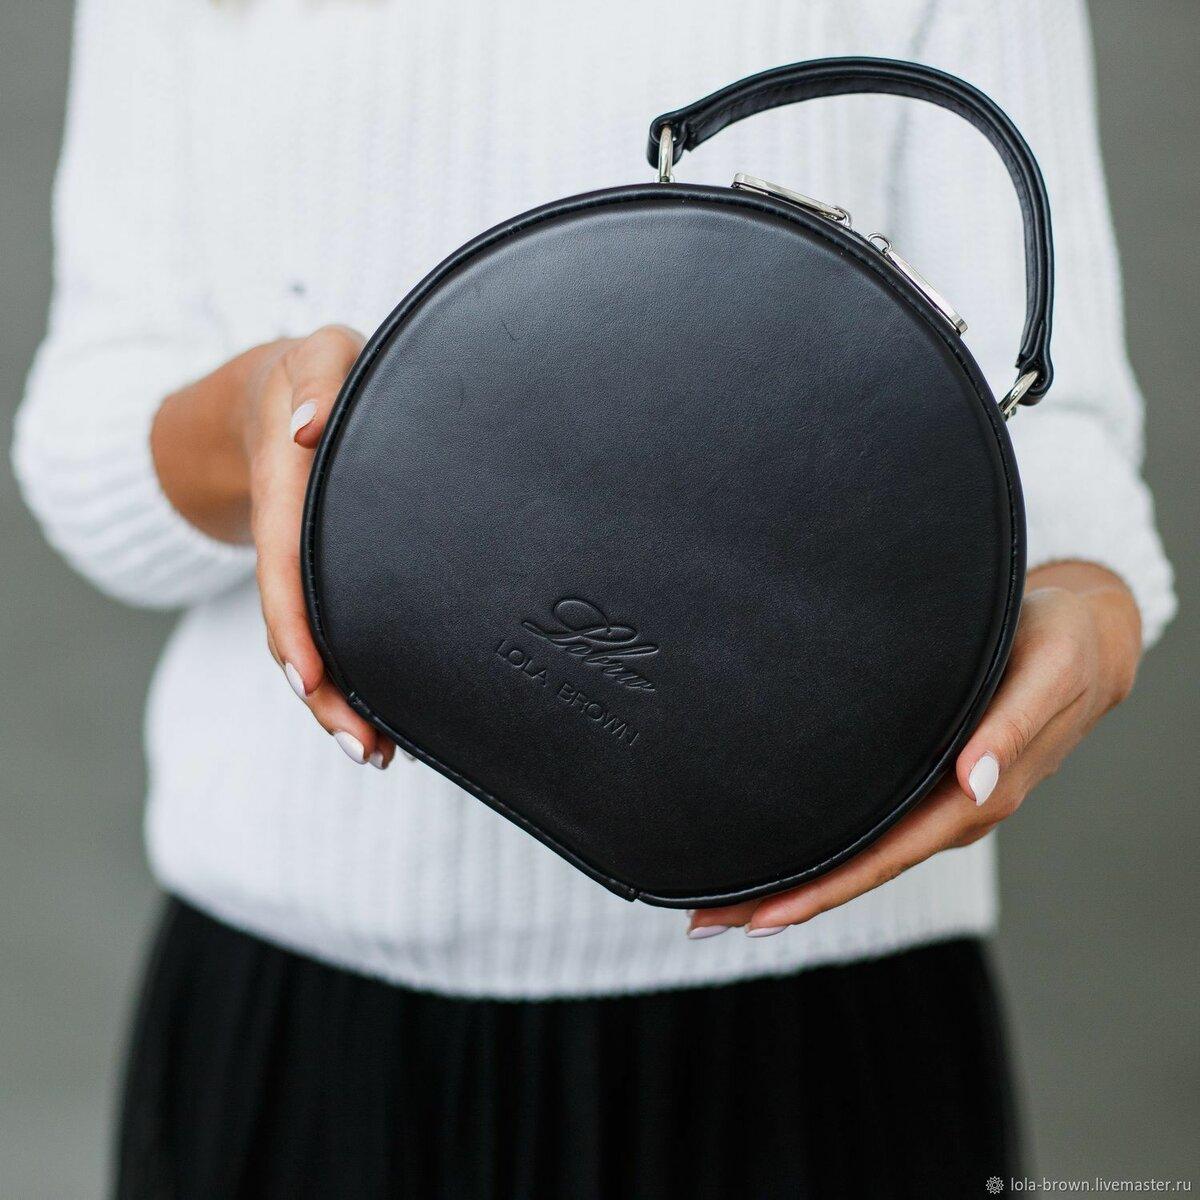 e262a36c932e ... Круглая каркасная сумка MISS COCO черного цвета - купить или заказать в  интернет-магазине на